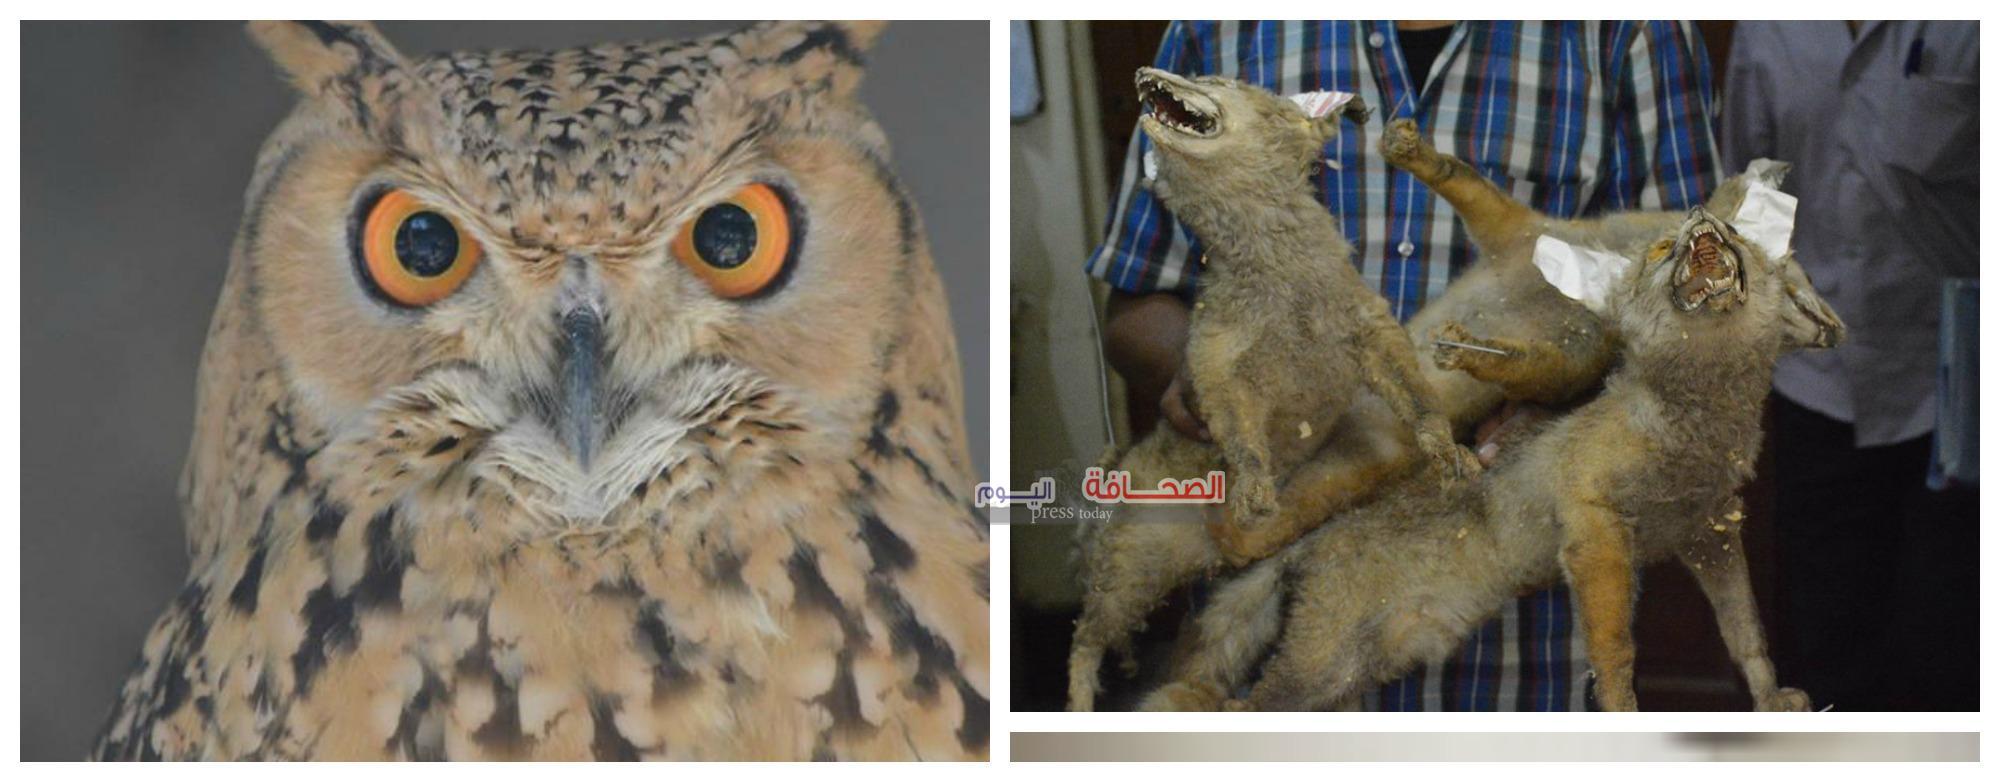 بالصور .. ضبط صاحب مزرعة بحوزته متحف للحيوانات البرية بينهم بومة فرعونية